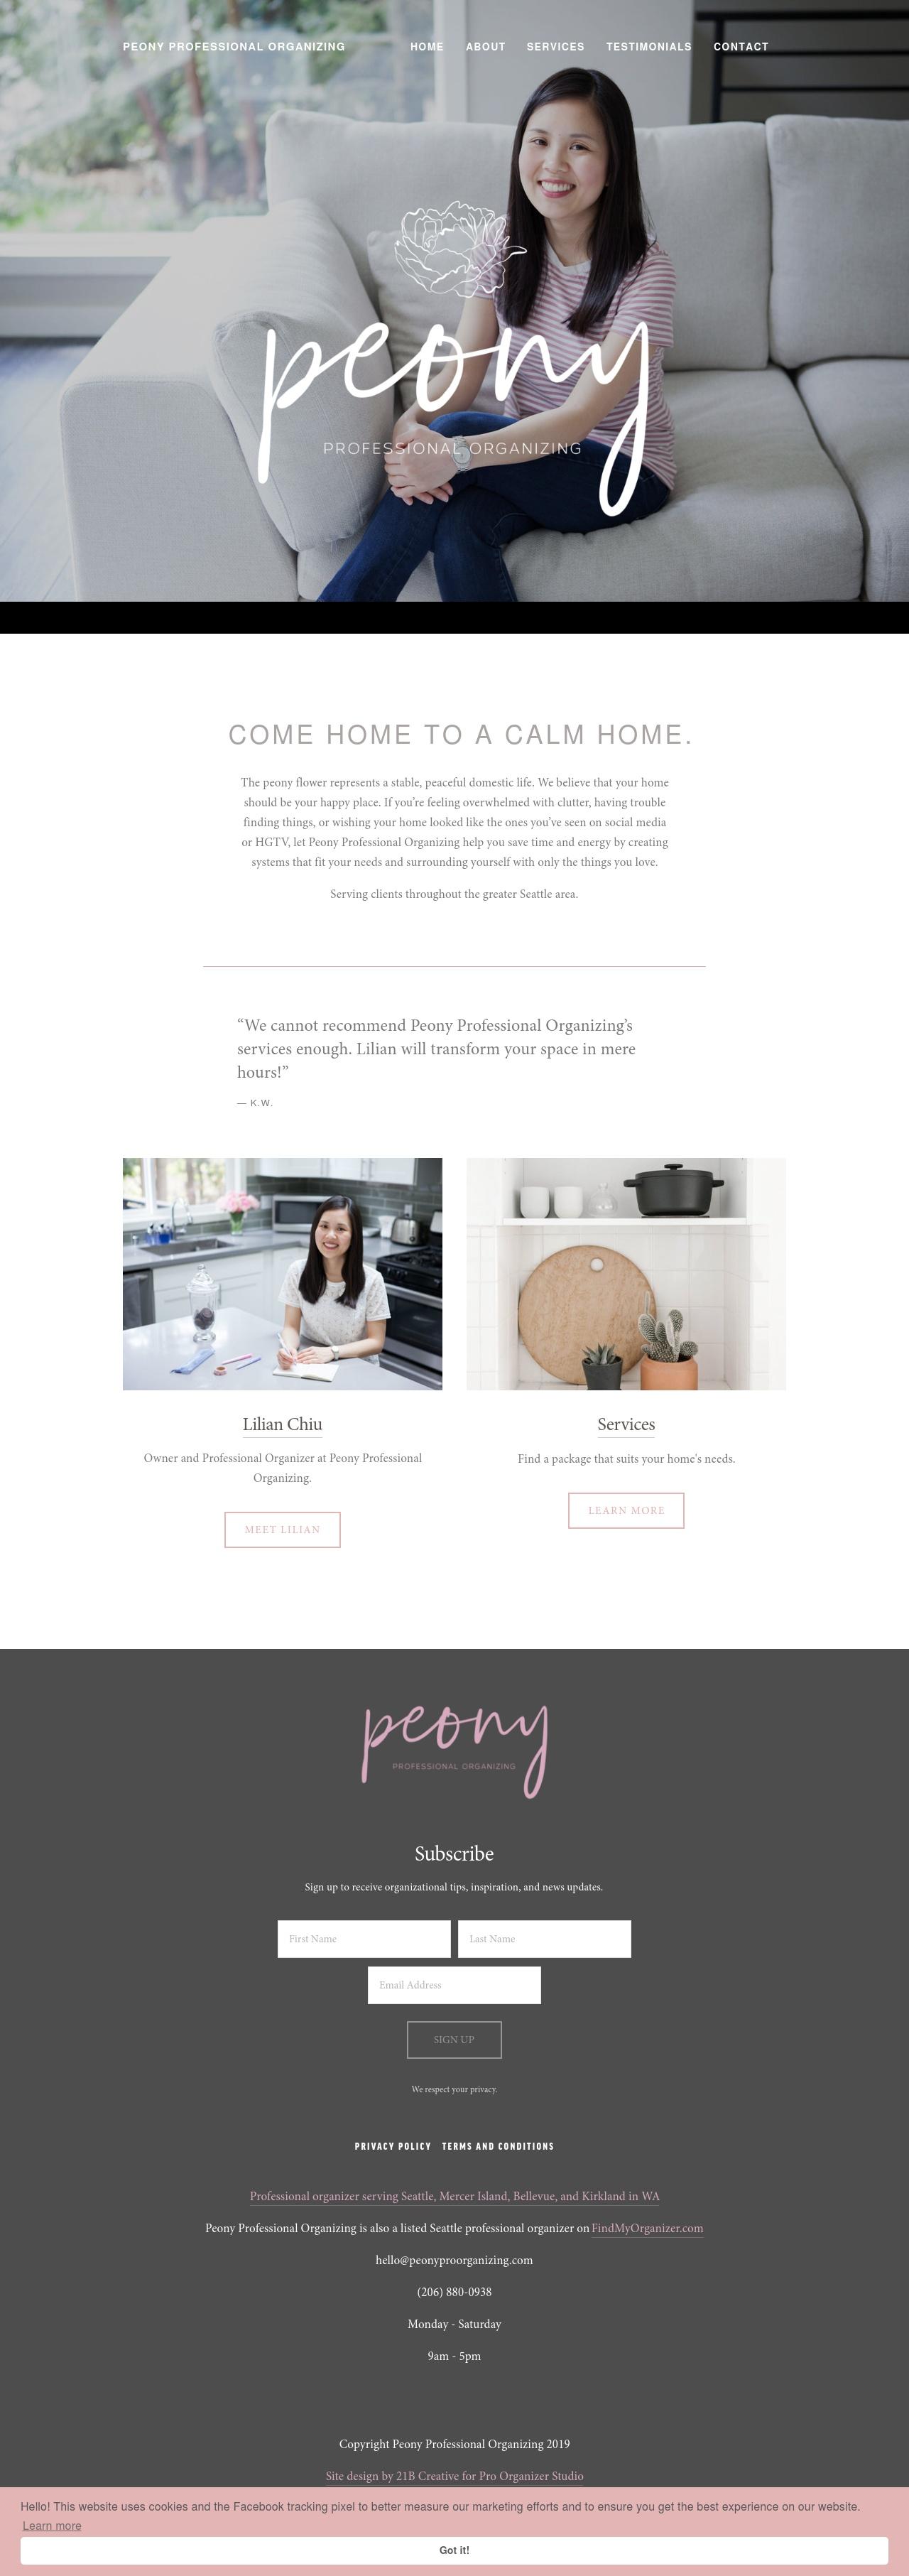 Peony Pro Organizing Homepage.jpeg